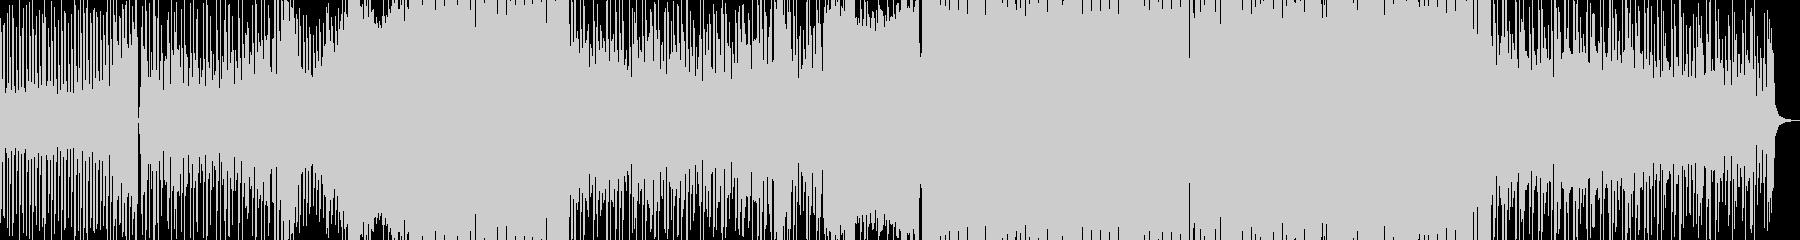 ノリノリでキャッチーなEDMです。の未再生の波形